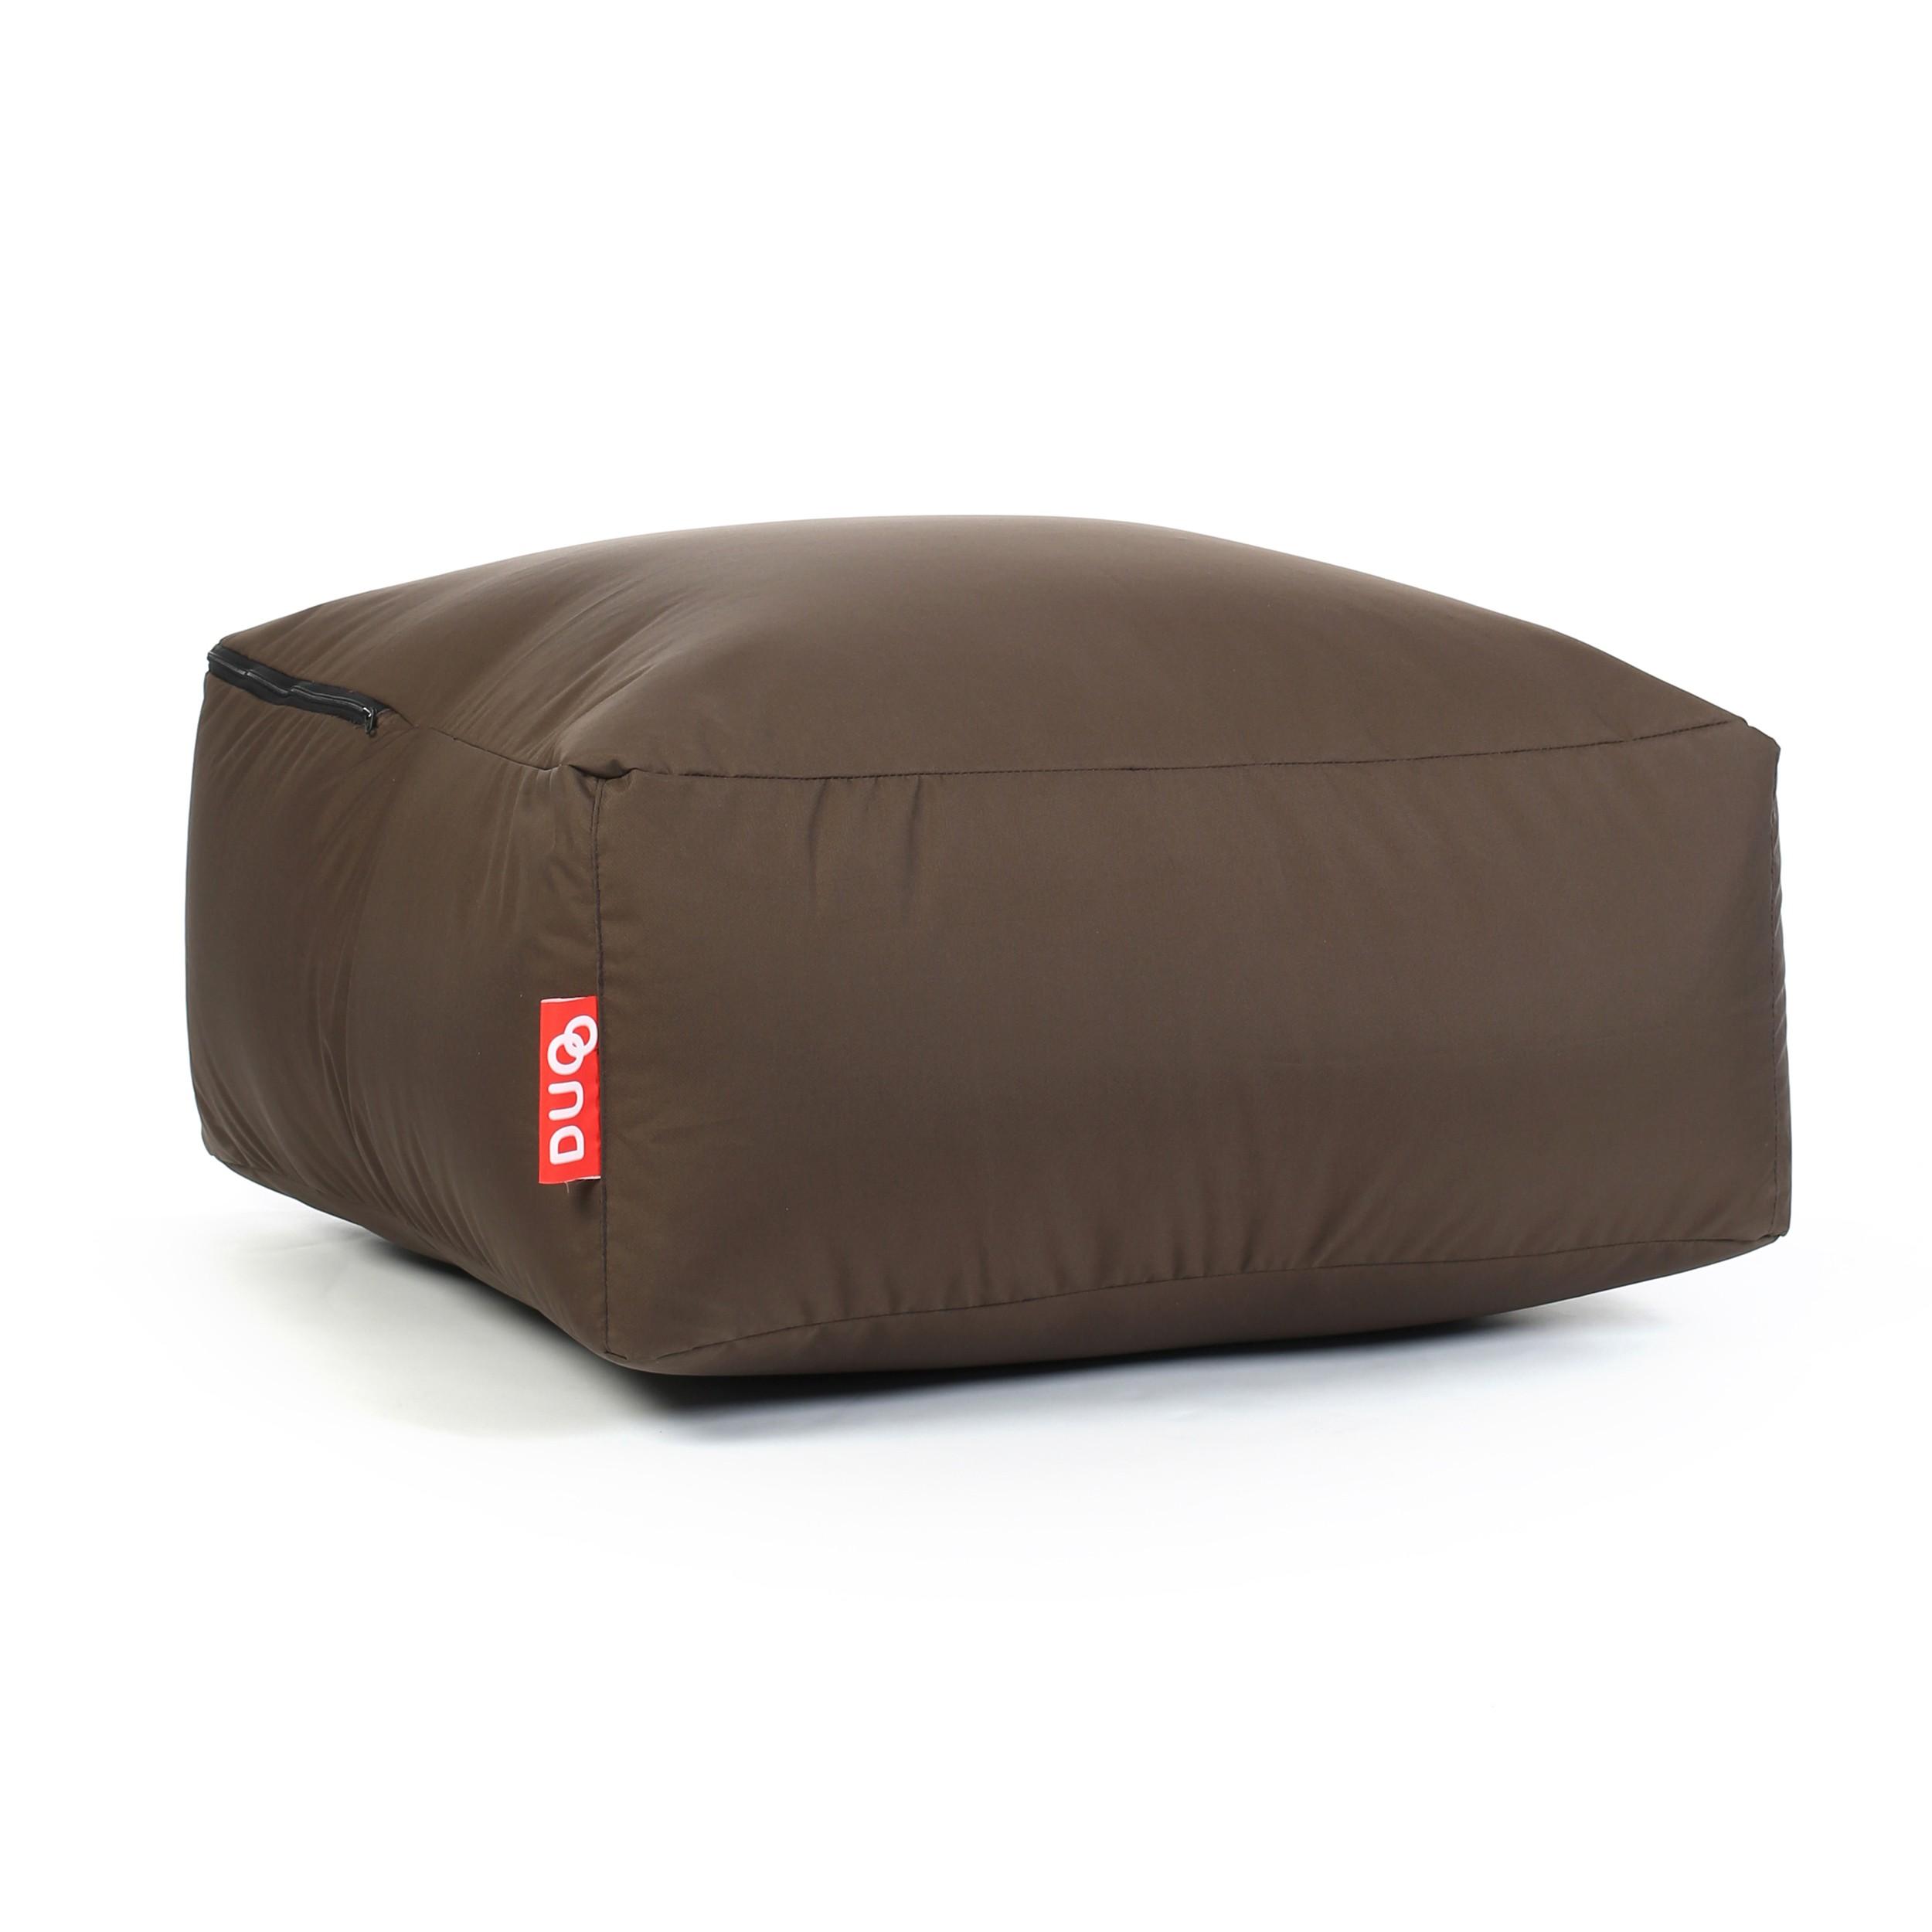 acheter pouf carre marron confort